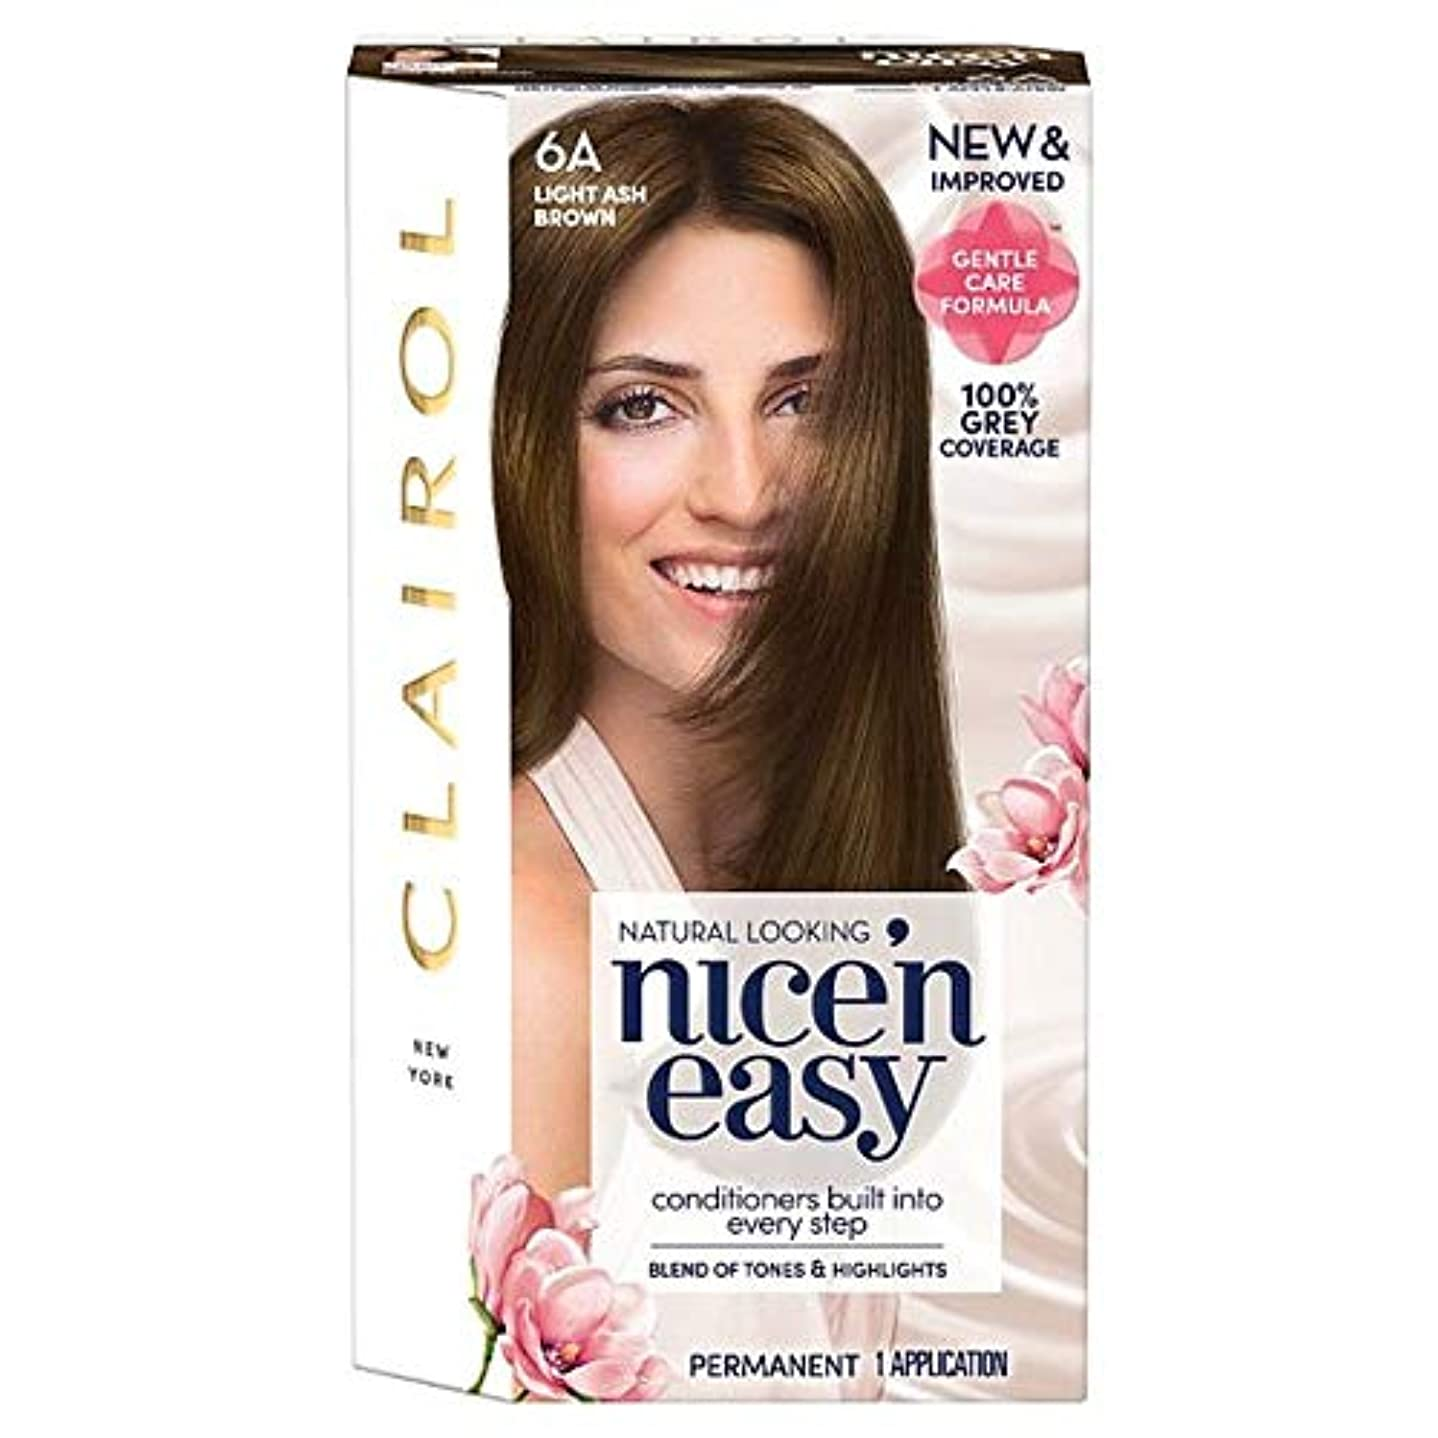 の配列病気だと思うインゲン[Nice'n Easy] クレイロール素敵な「N簡単軽灰褐色6Aの染毛剤 - Clairol Nice 'N Easy Light Ash Brown 6A Hair Dye [並行輸入品]